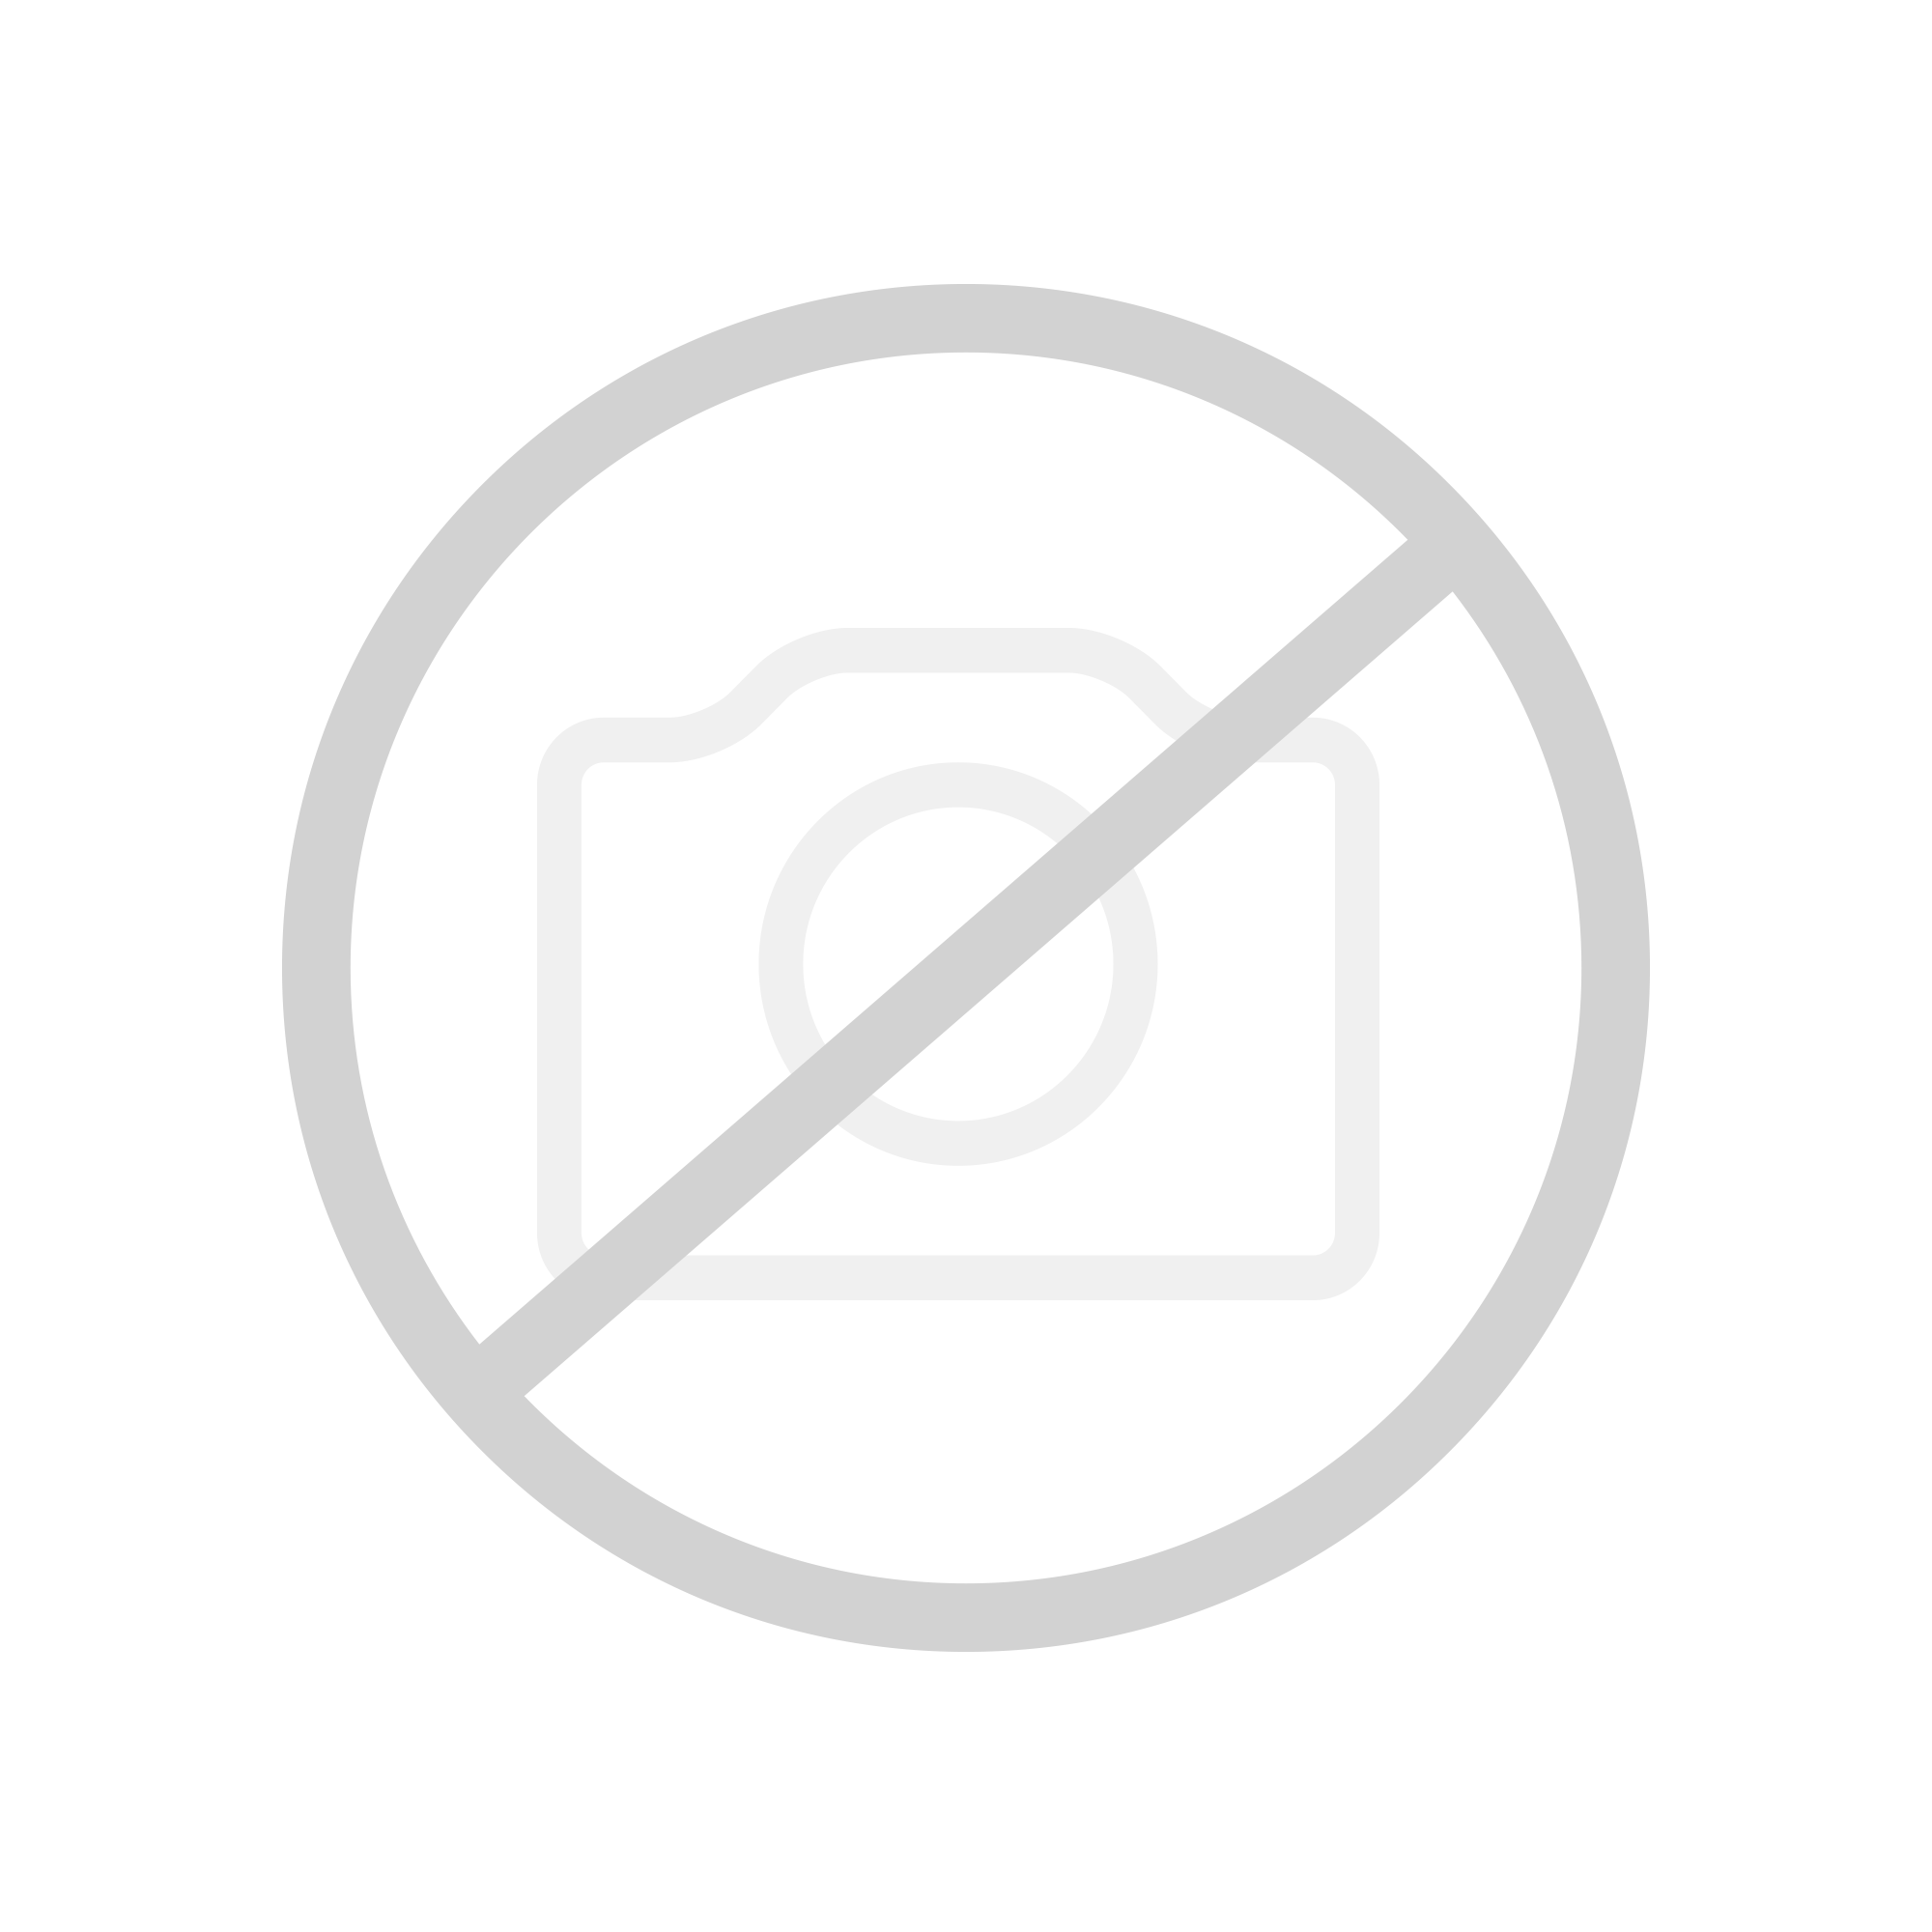 Diesel Fork Maxi Tavolo Tischleuchte mit Dimmer